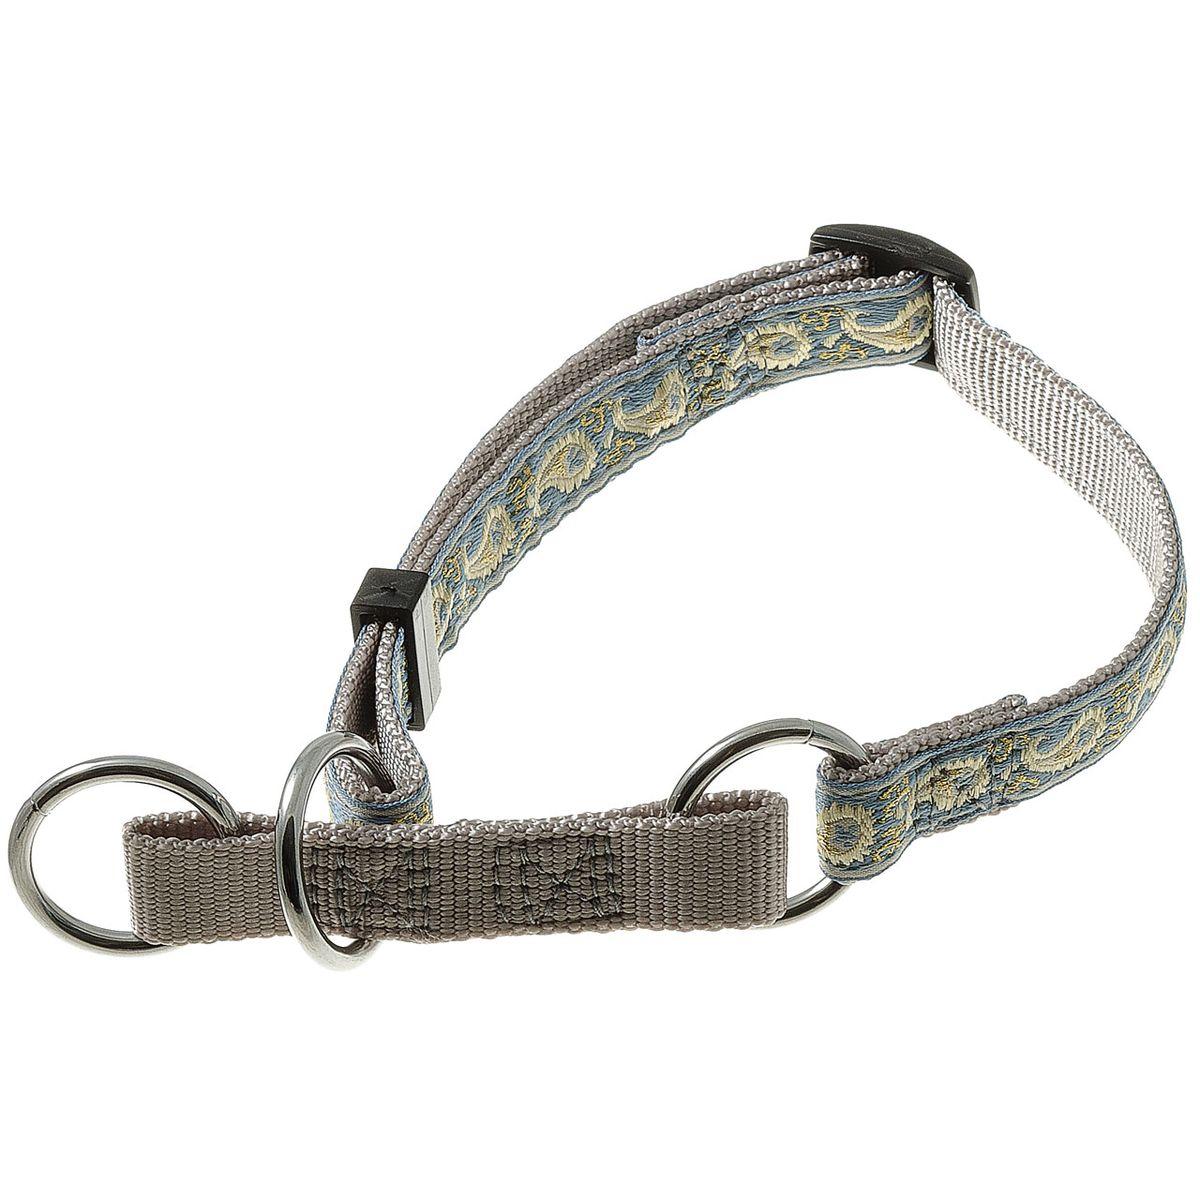 Ошейник-полуудавка регулир. (23-43 см) на 3-х кольцах (восточный стиль) (серый) 15 мм75-2516